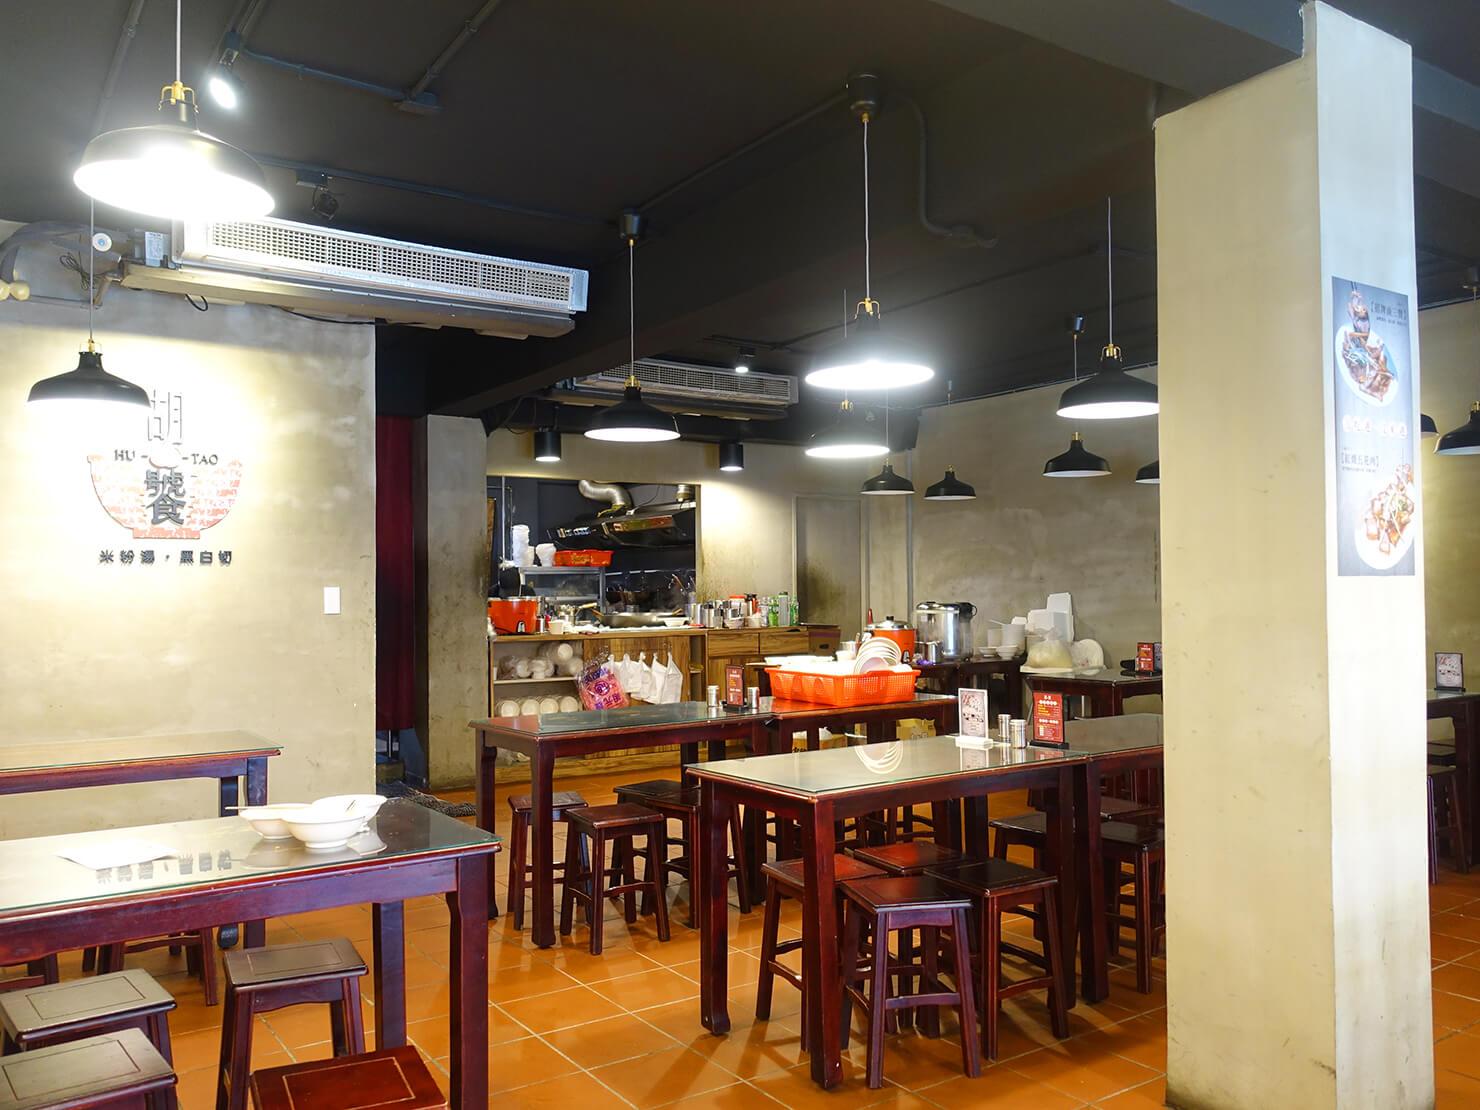 台北101エリア・MRT市政府駅周辺のおすすめグルメ店「胡饕米粉湯」の店内